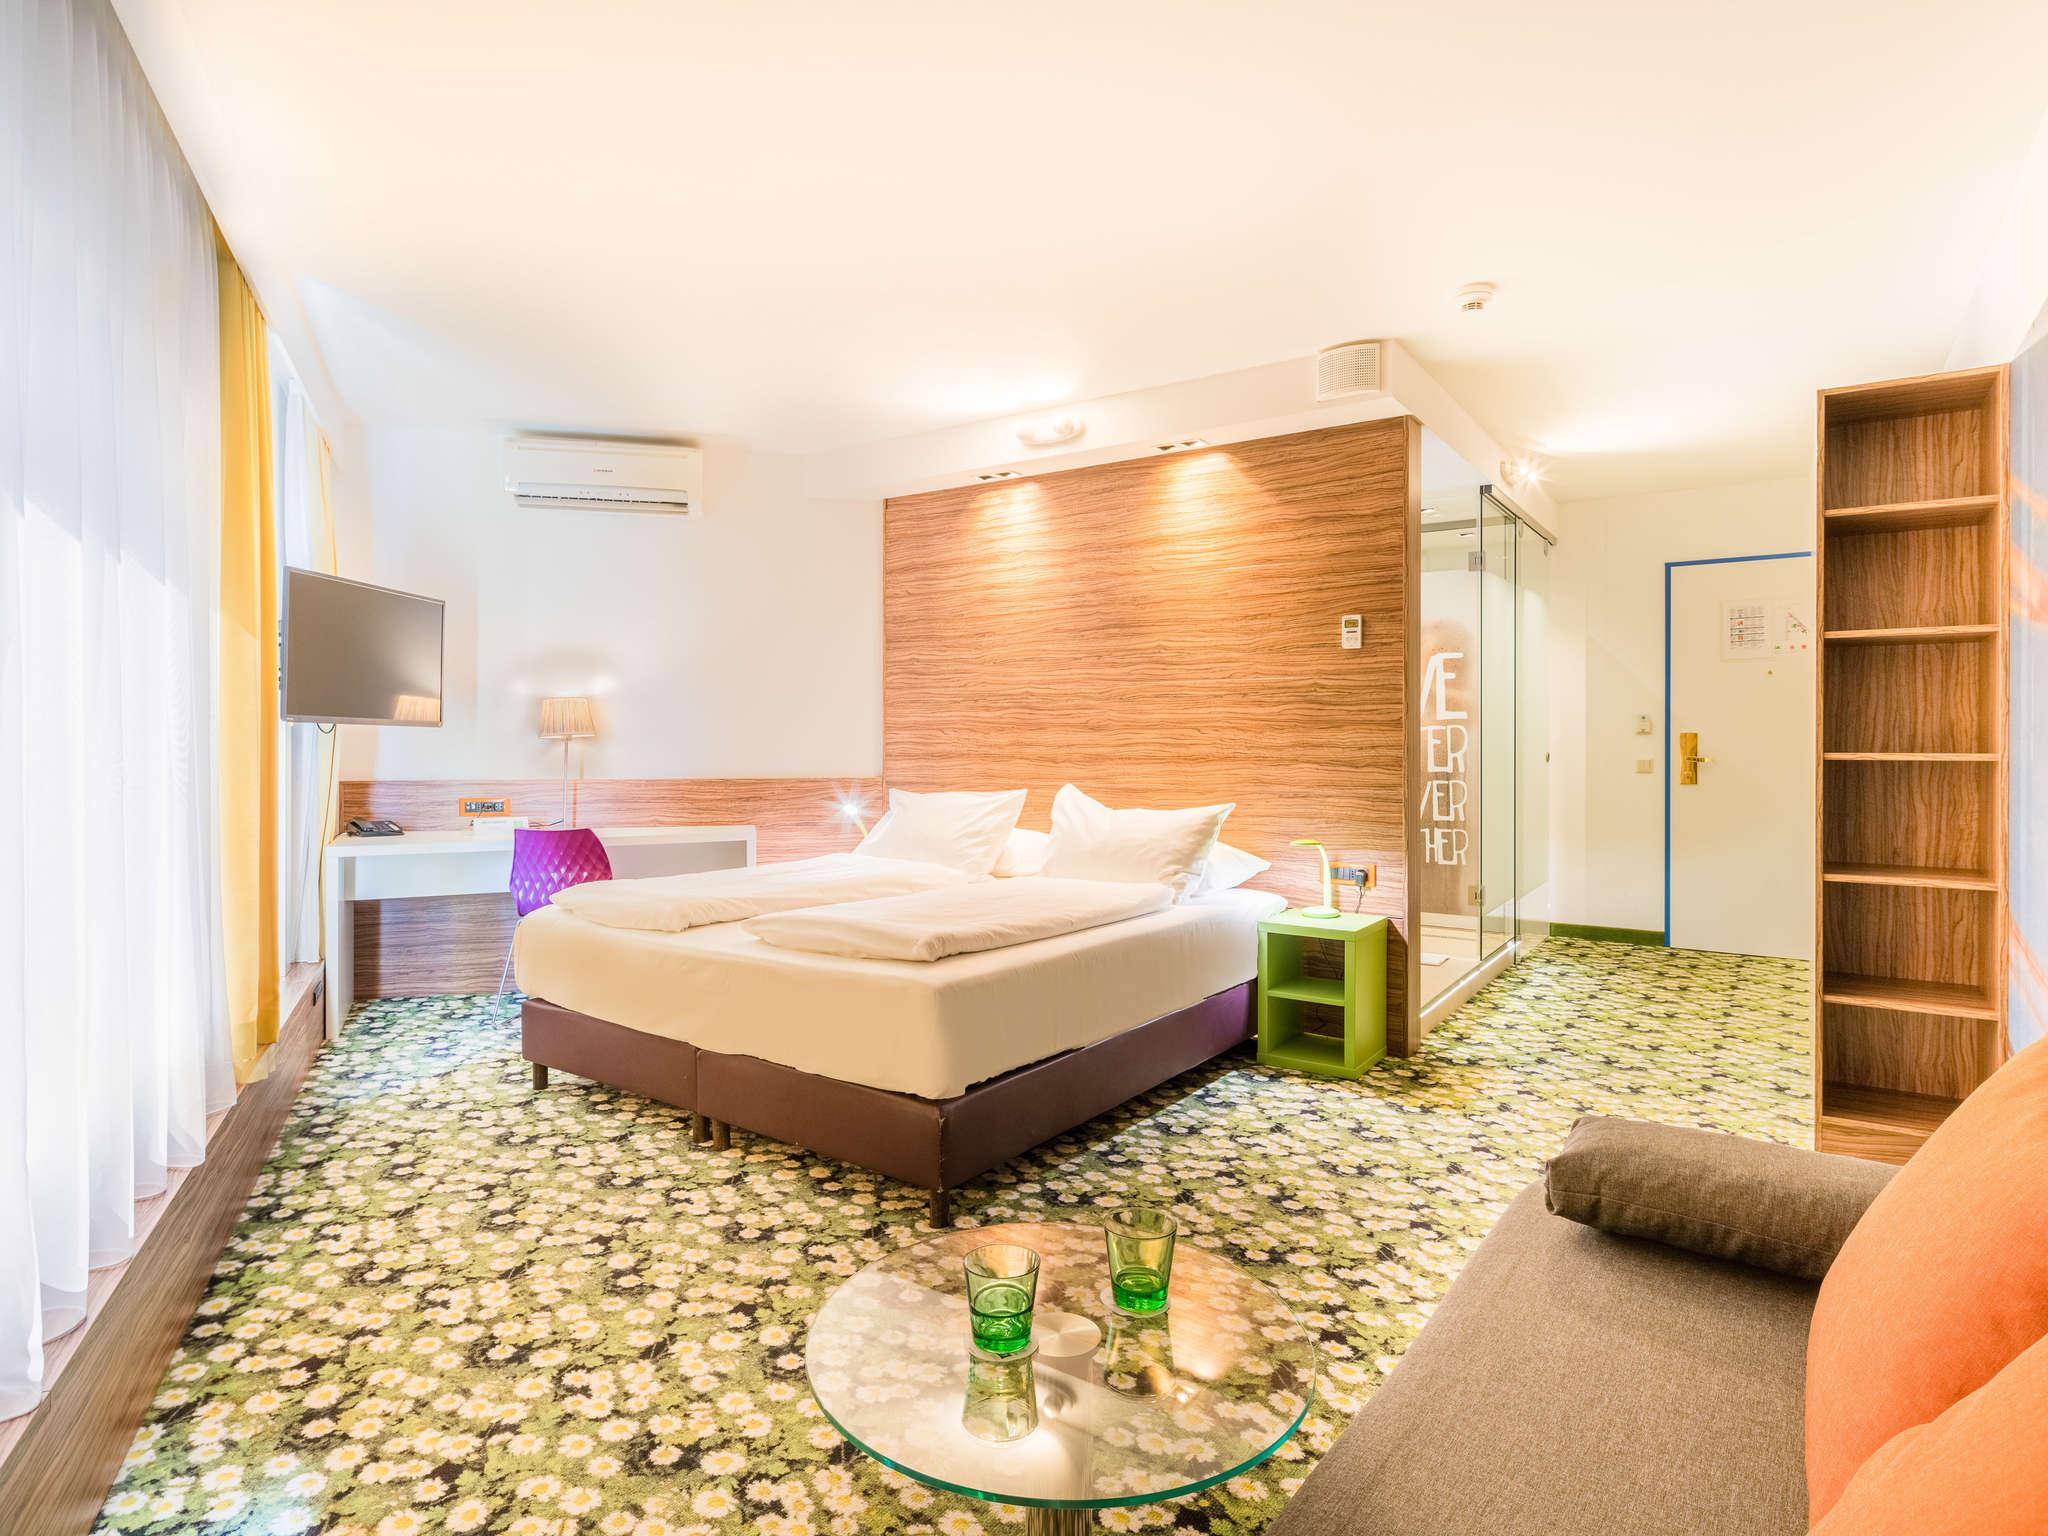 โรงแรม – ไอบิส สไตล์ เวียน ซิตี้